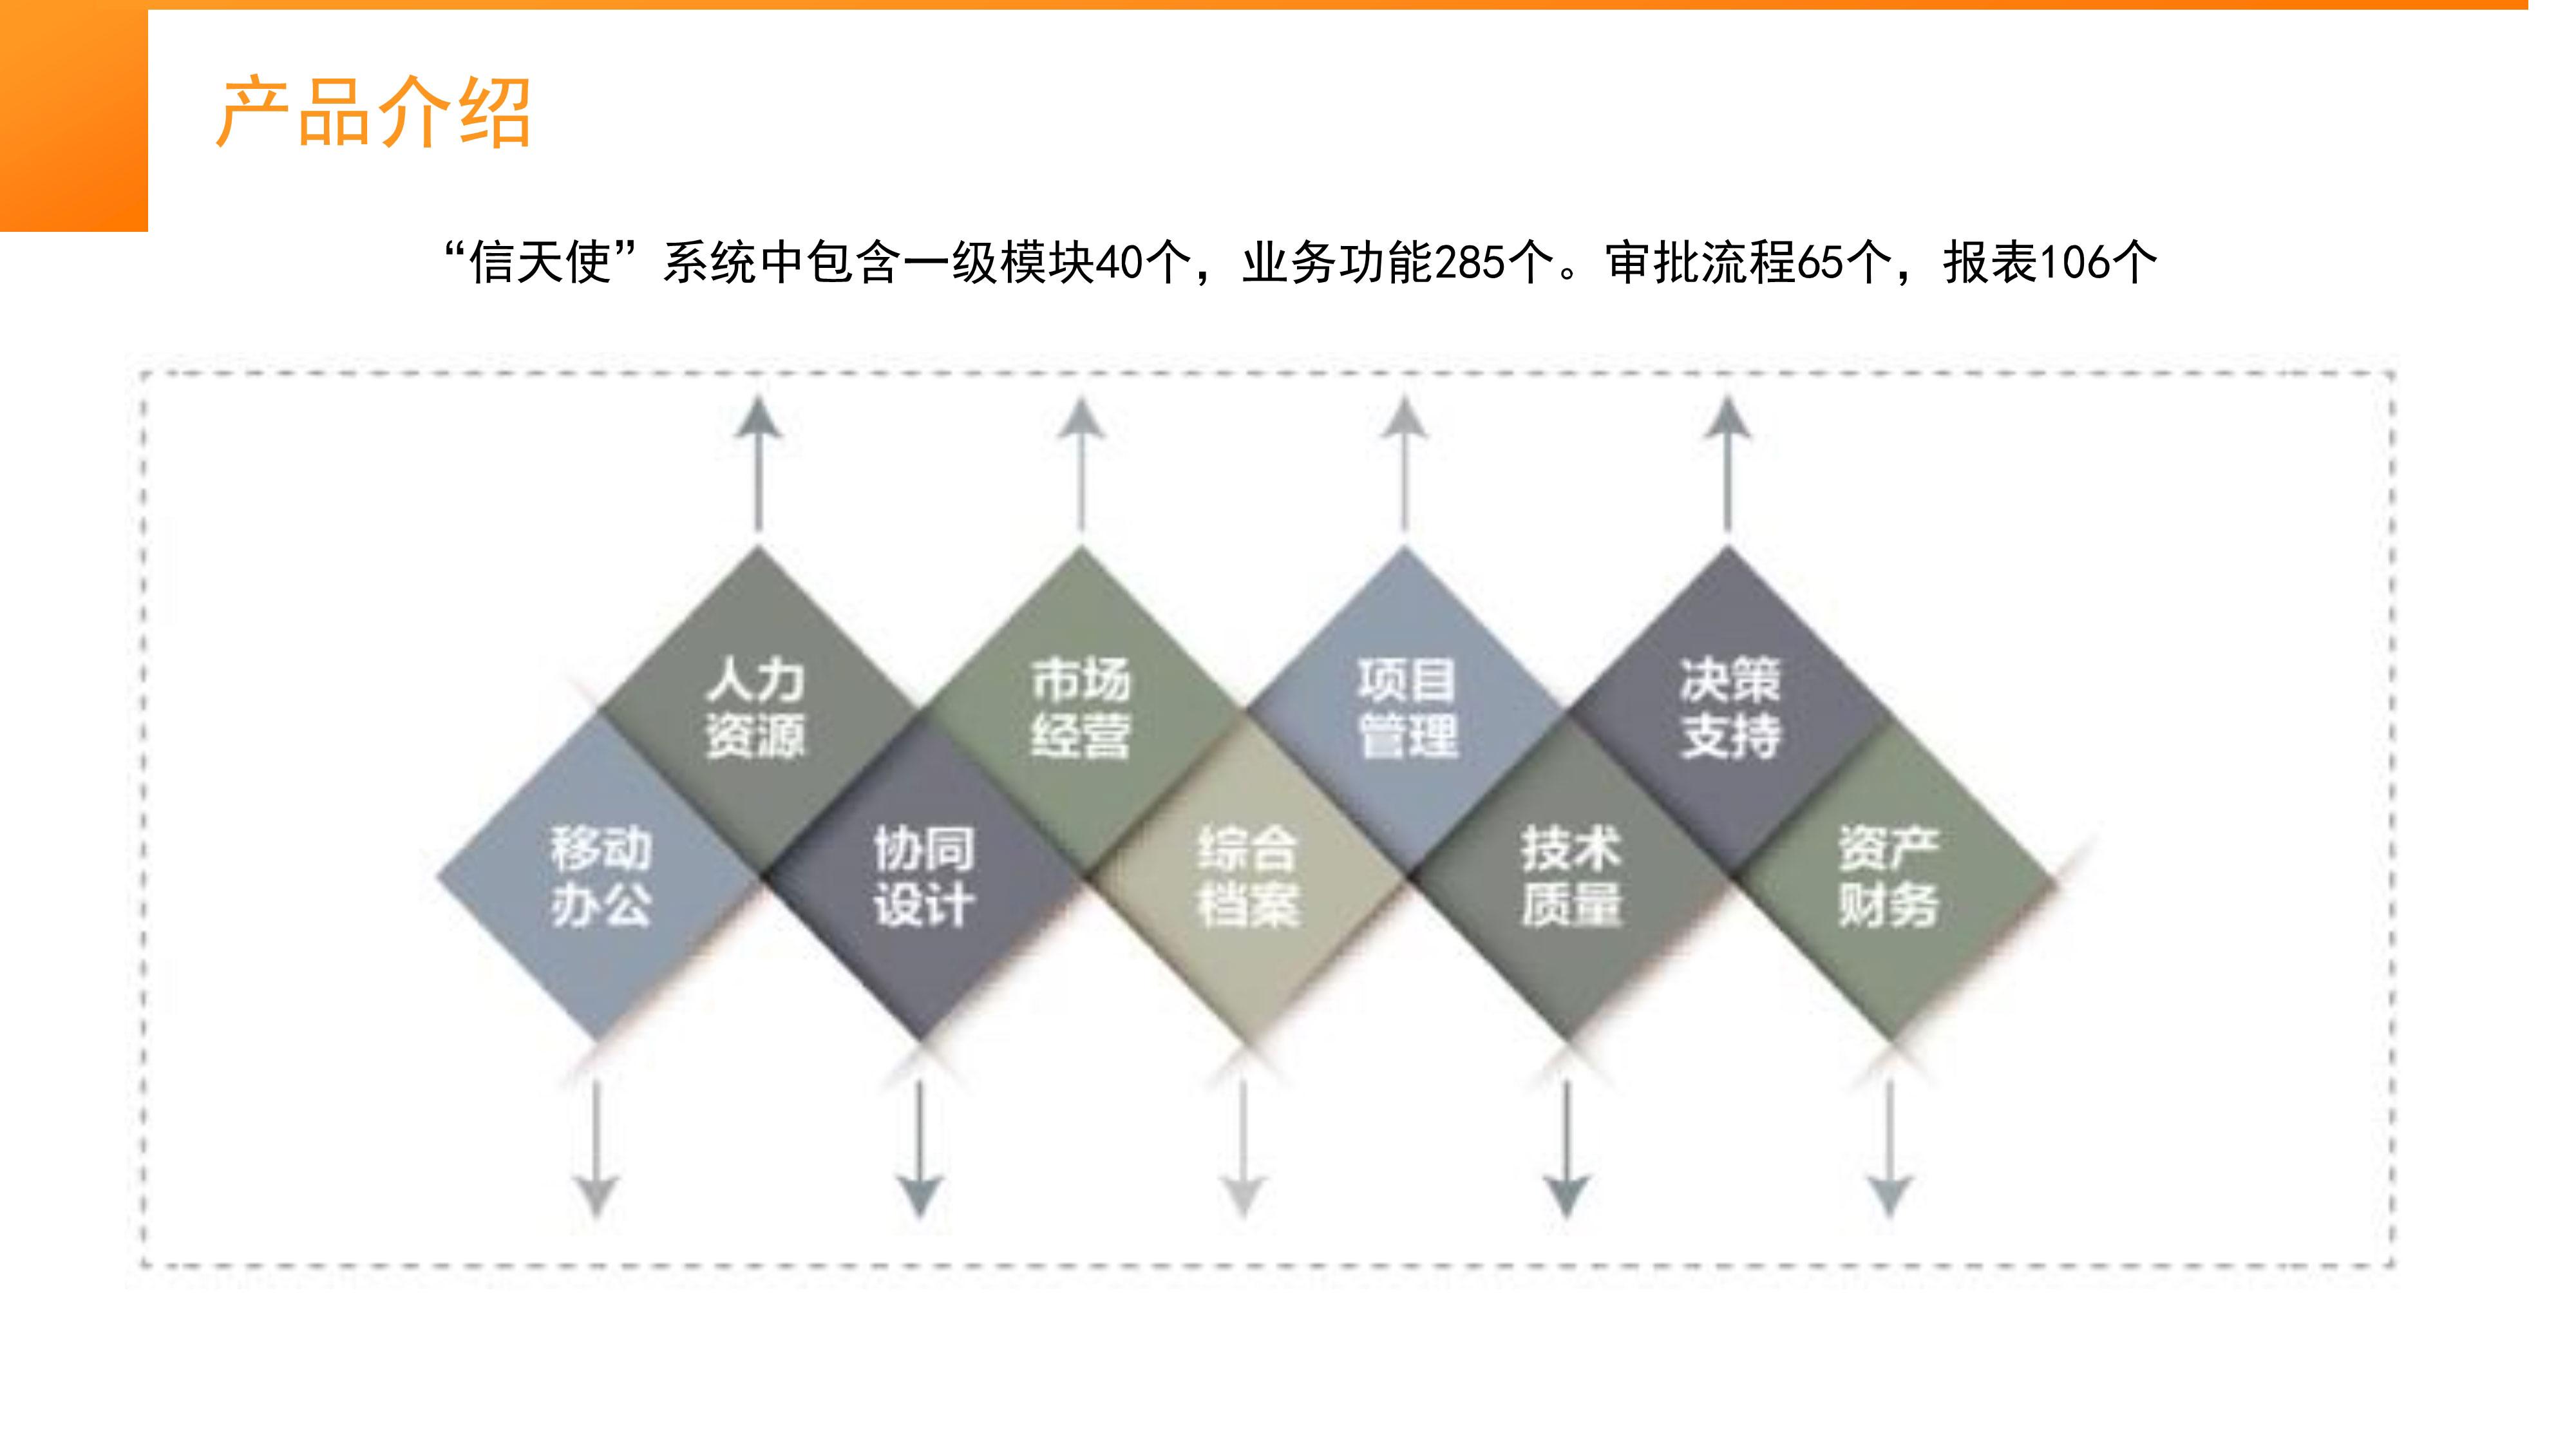 013011343503_0信天使综合信息管理系统旗舰版_5.jpg